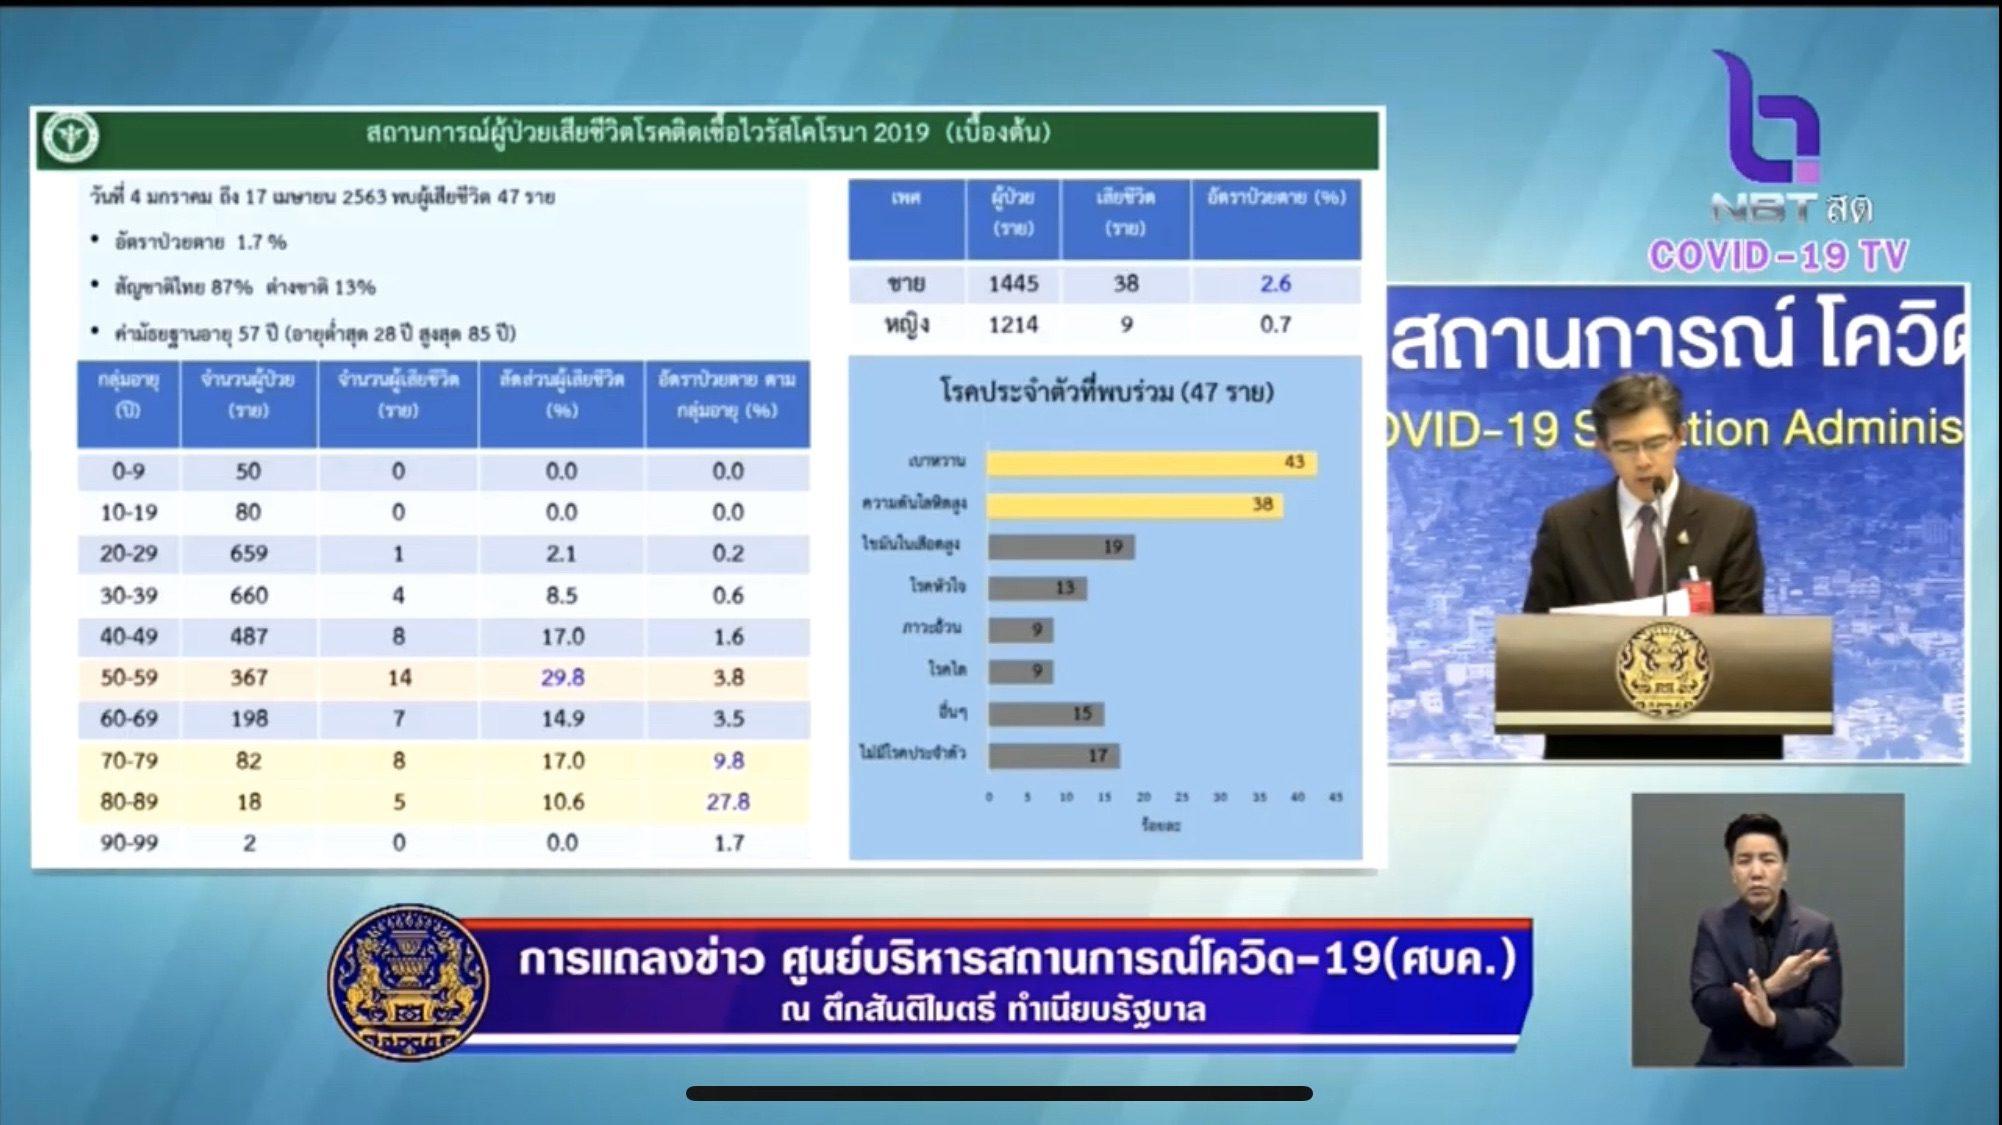 """หมอทวีศิลป์ แจง คนไทย 47 ราย ป่วยโควิด-19 ตาย """"เป็นชายมากกว่าหญิง"""""""